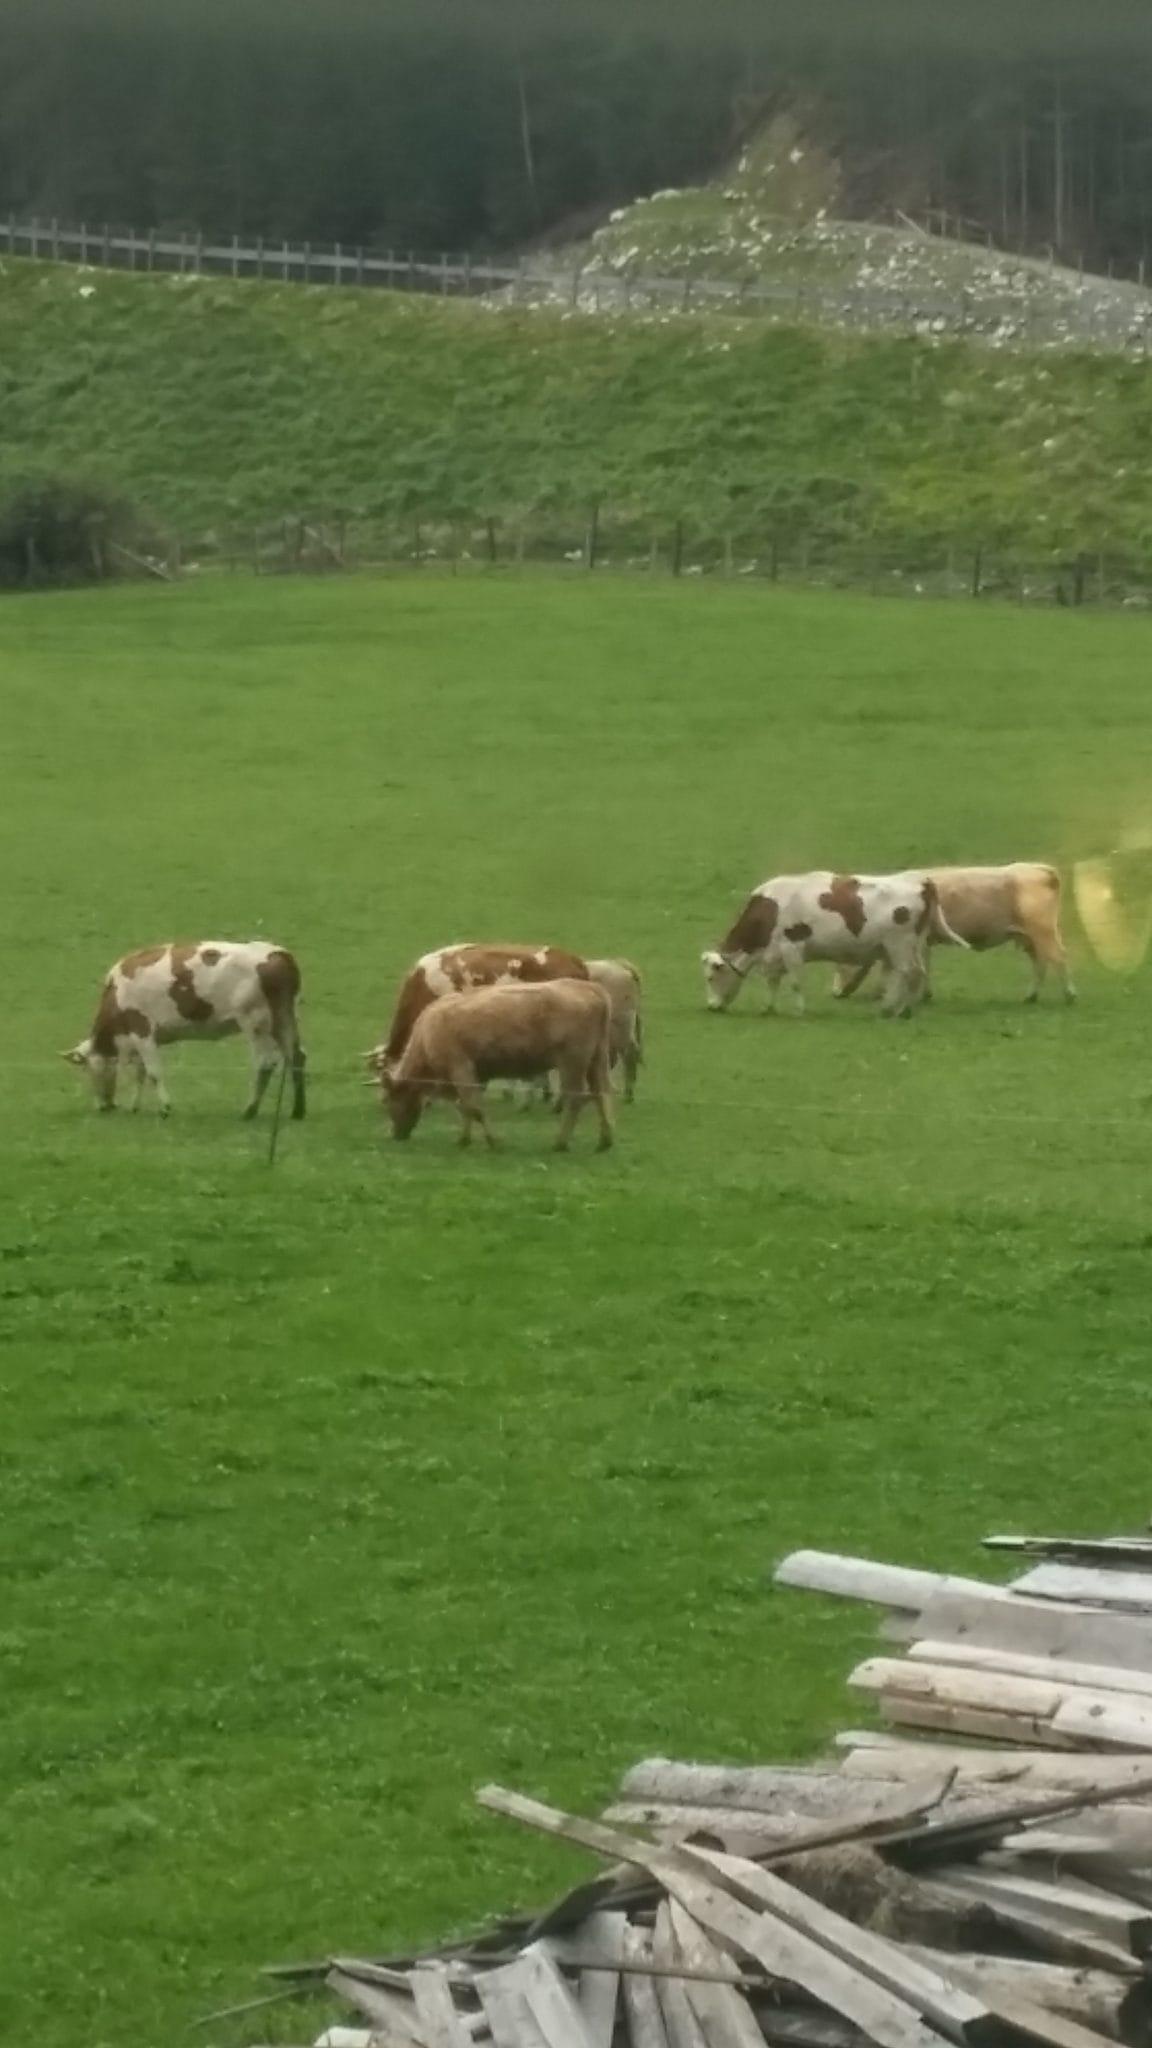 פרות בחווה חקלאית בפלכאו